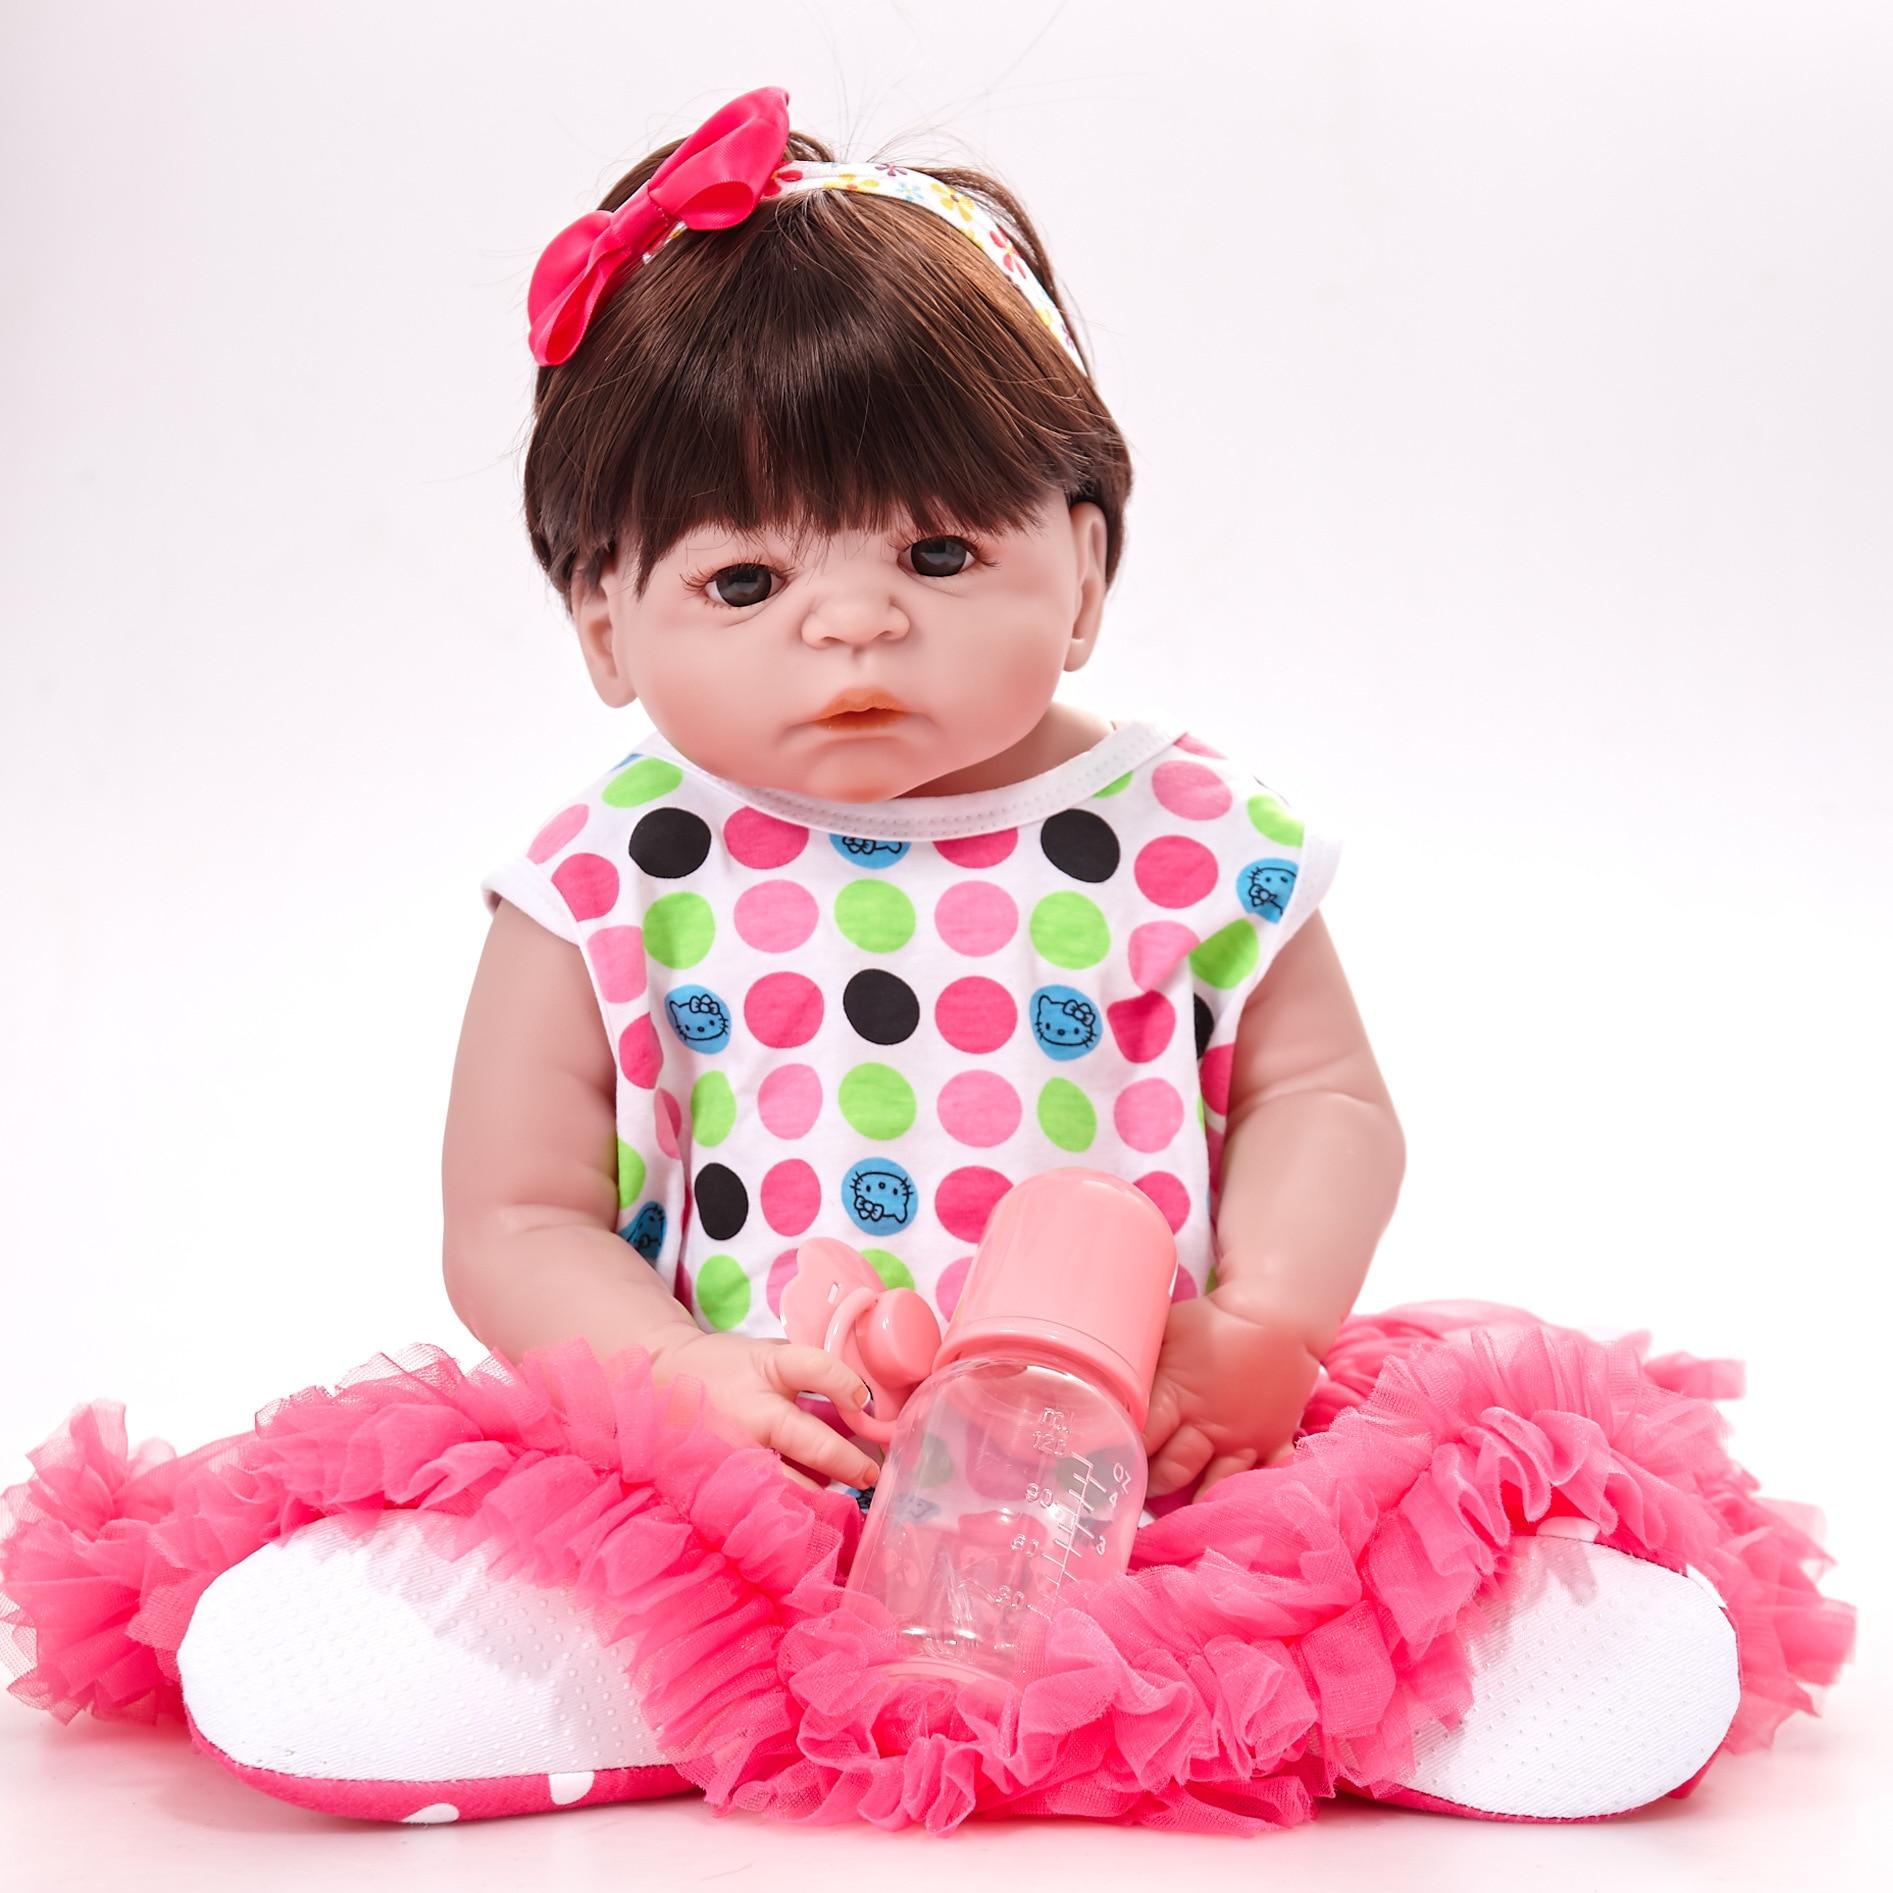 Best Gift For Newborn Baby Girl